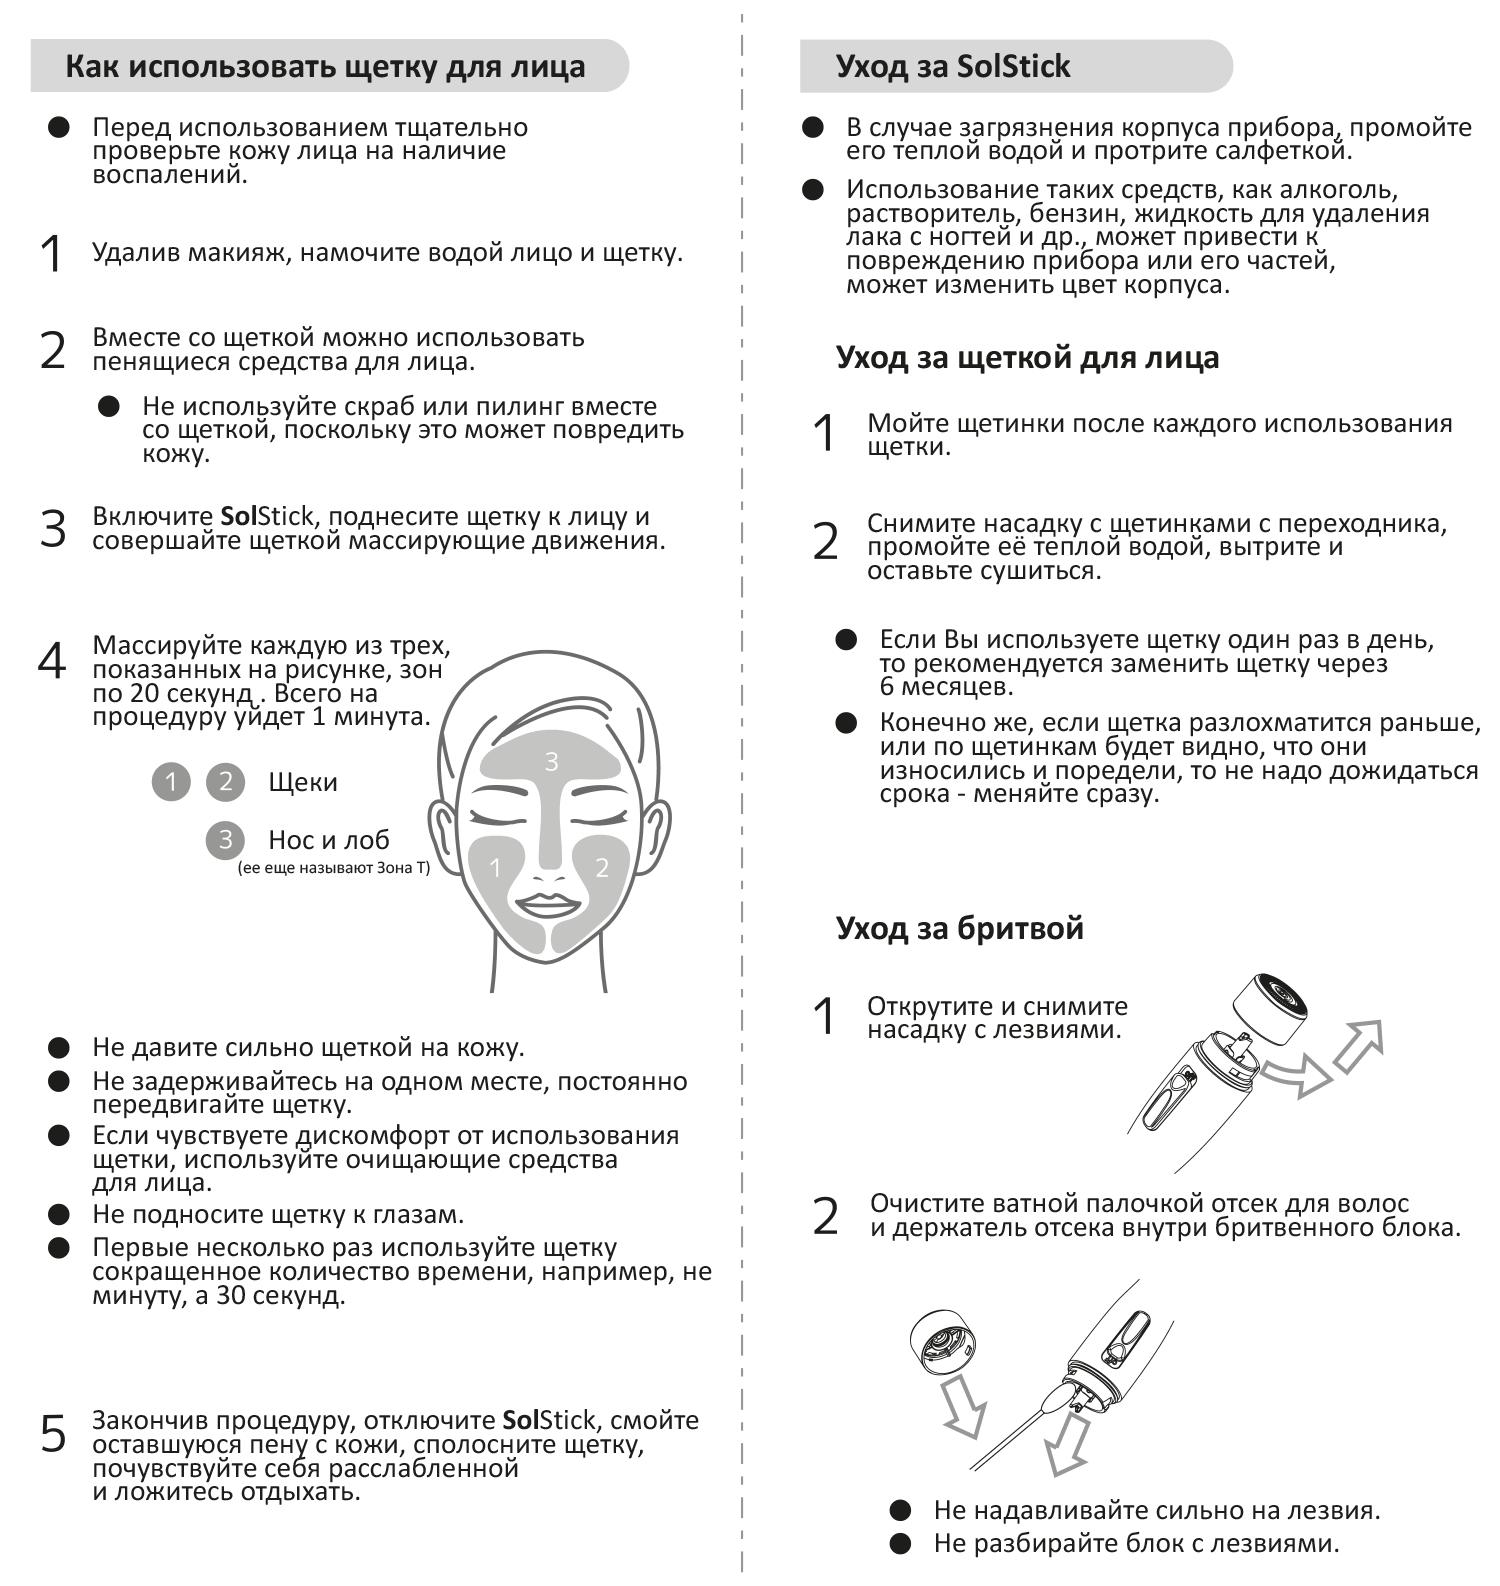 instruction_05